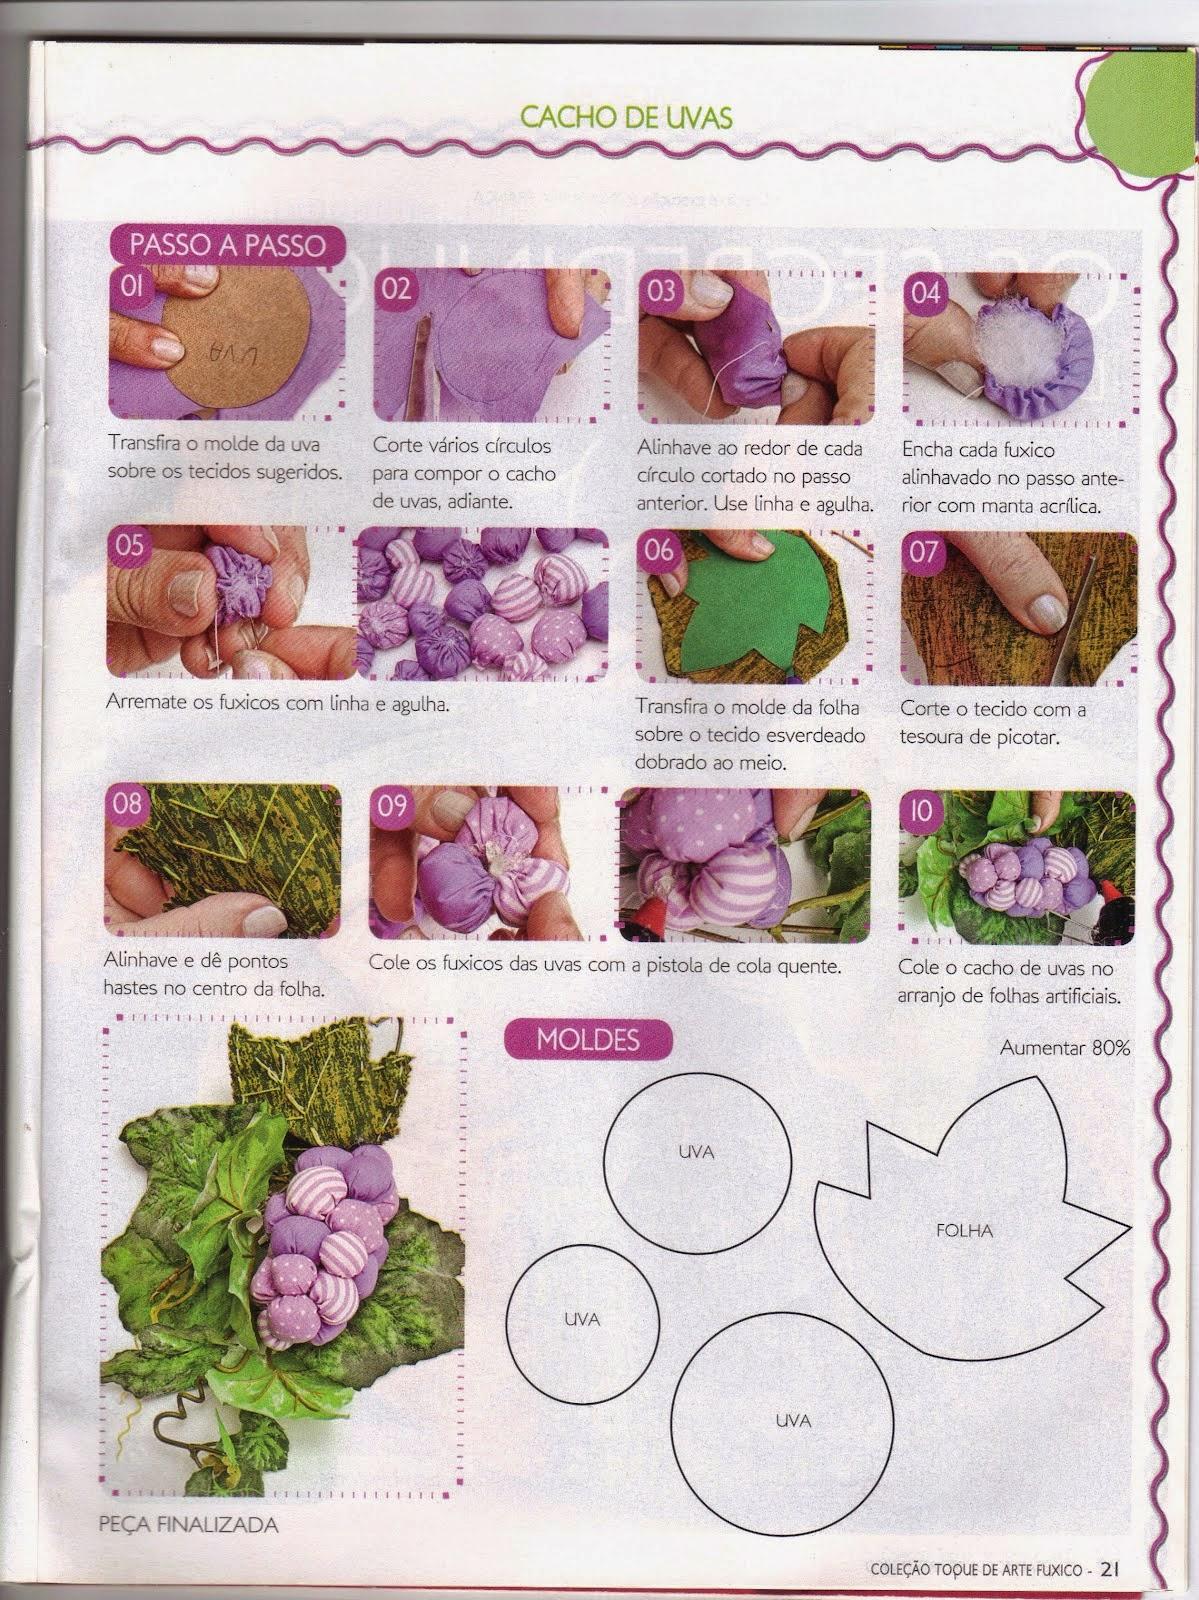 Moldes para fazer um cacho de uvas de tecido